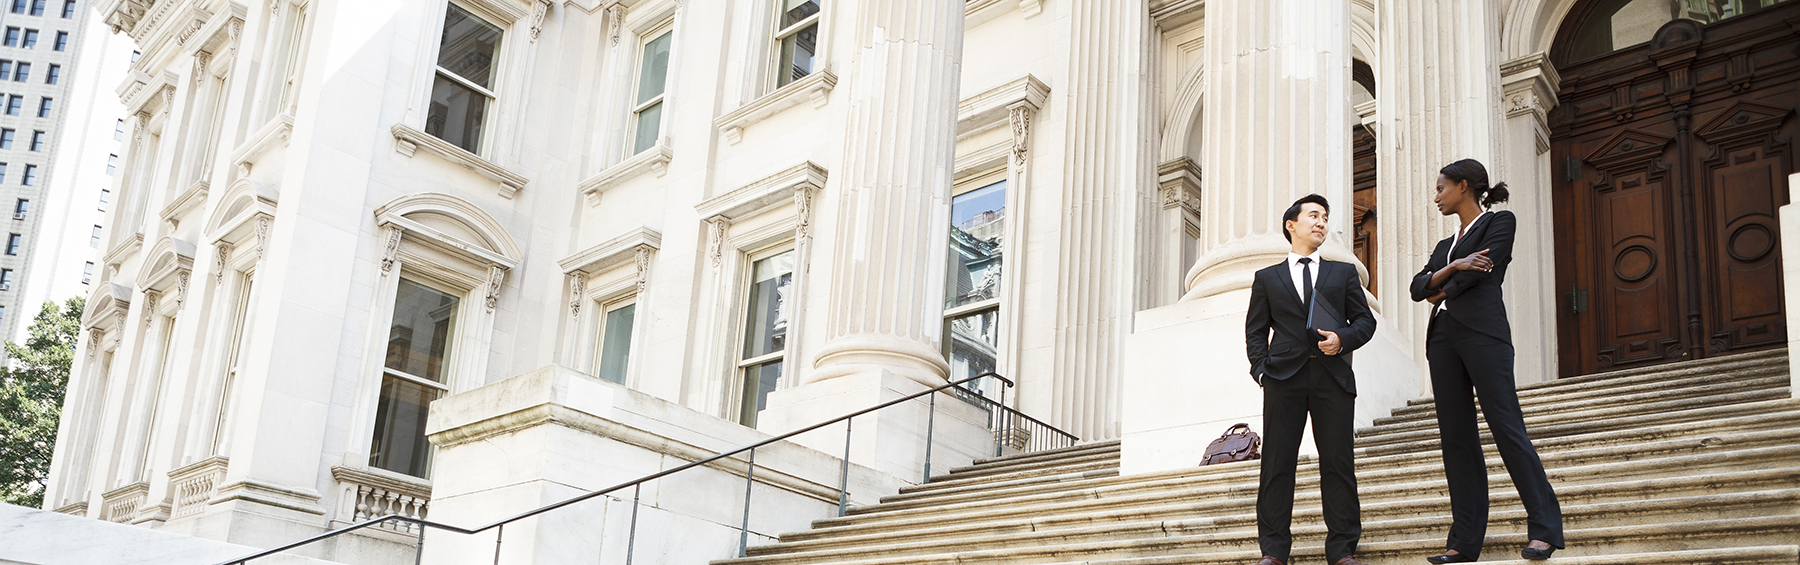 courtroom steps